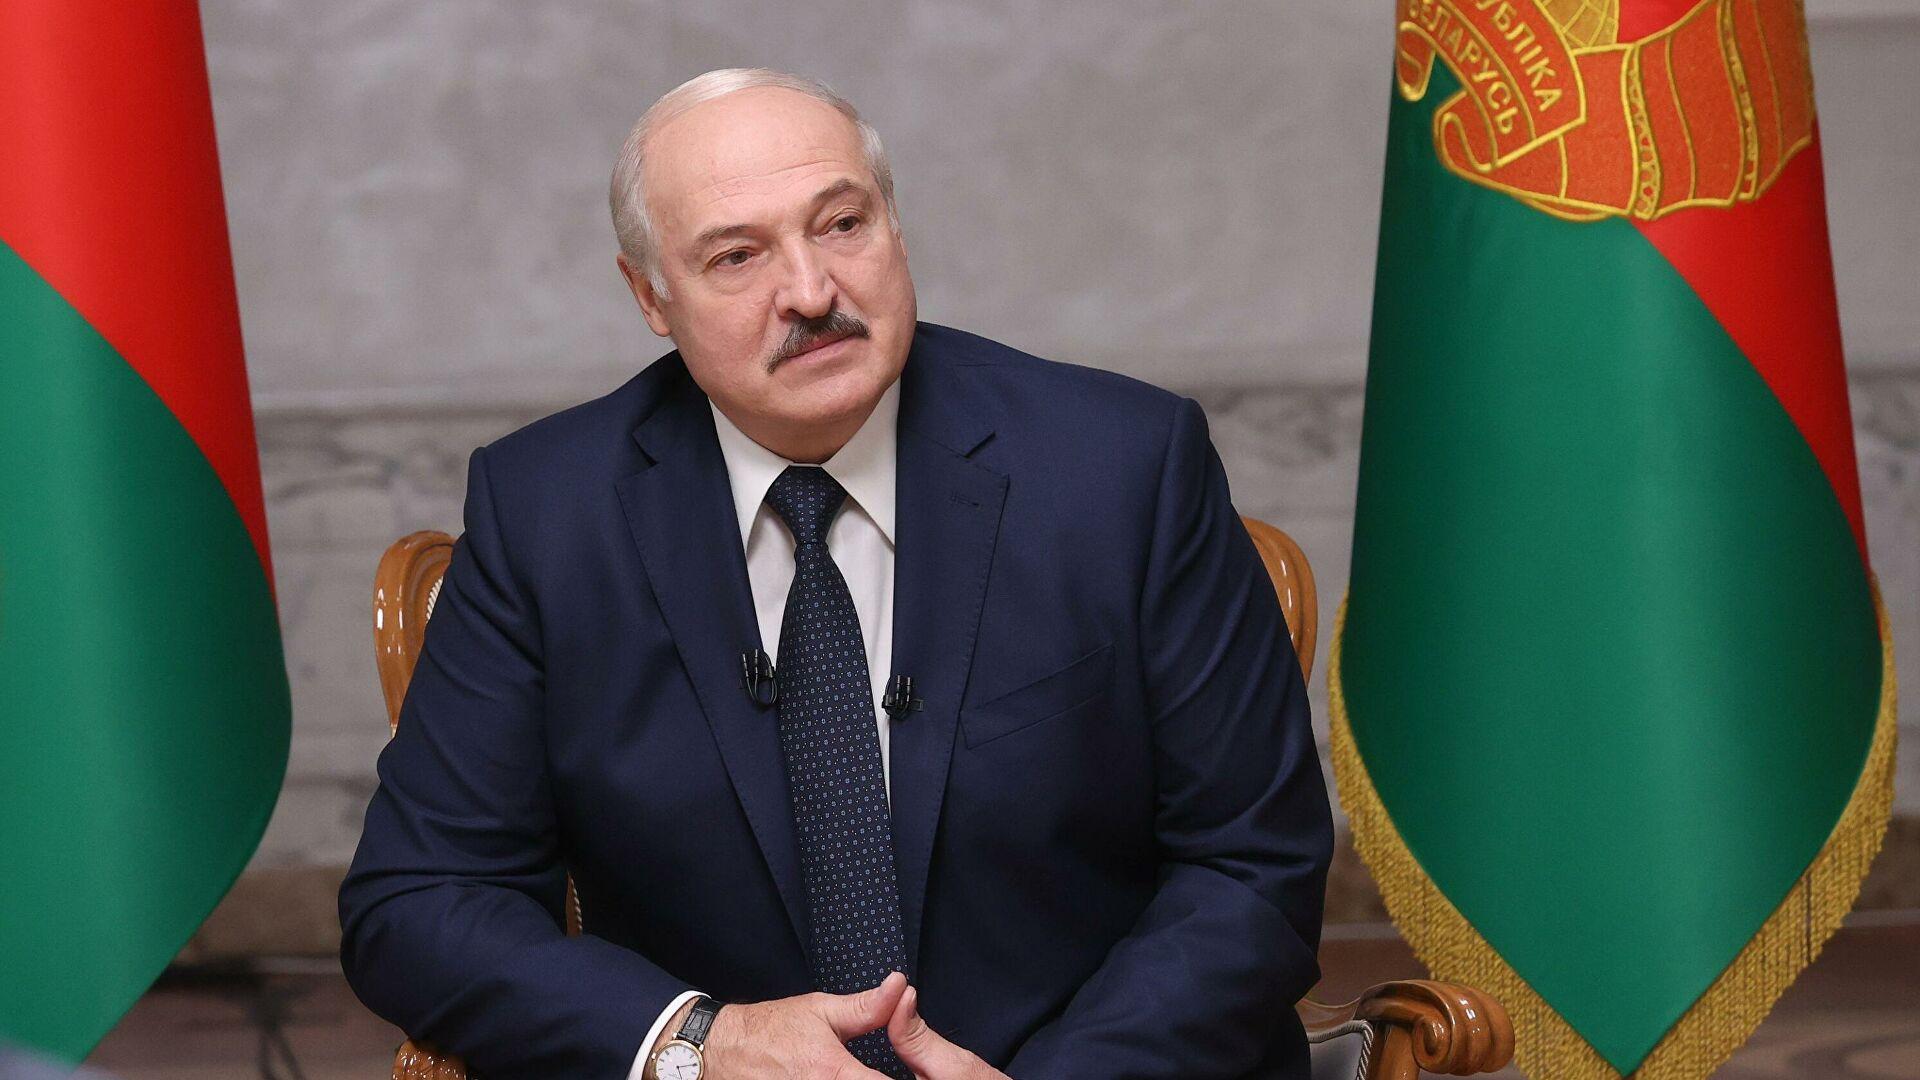 Лукашенко: Мере ће бити болне за све оне који су заузели непријатељски став